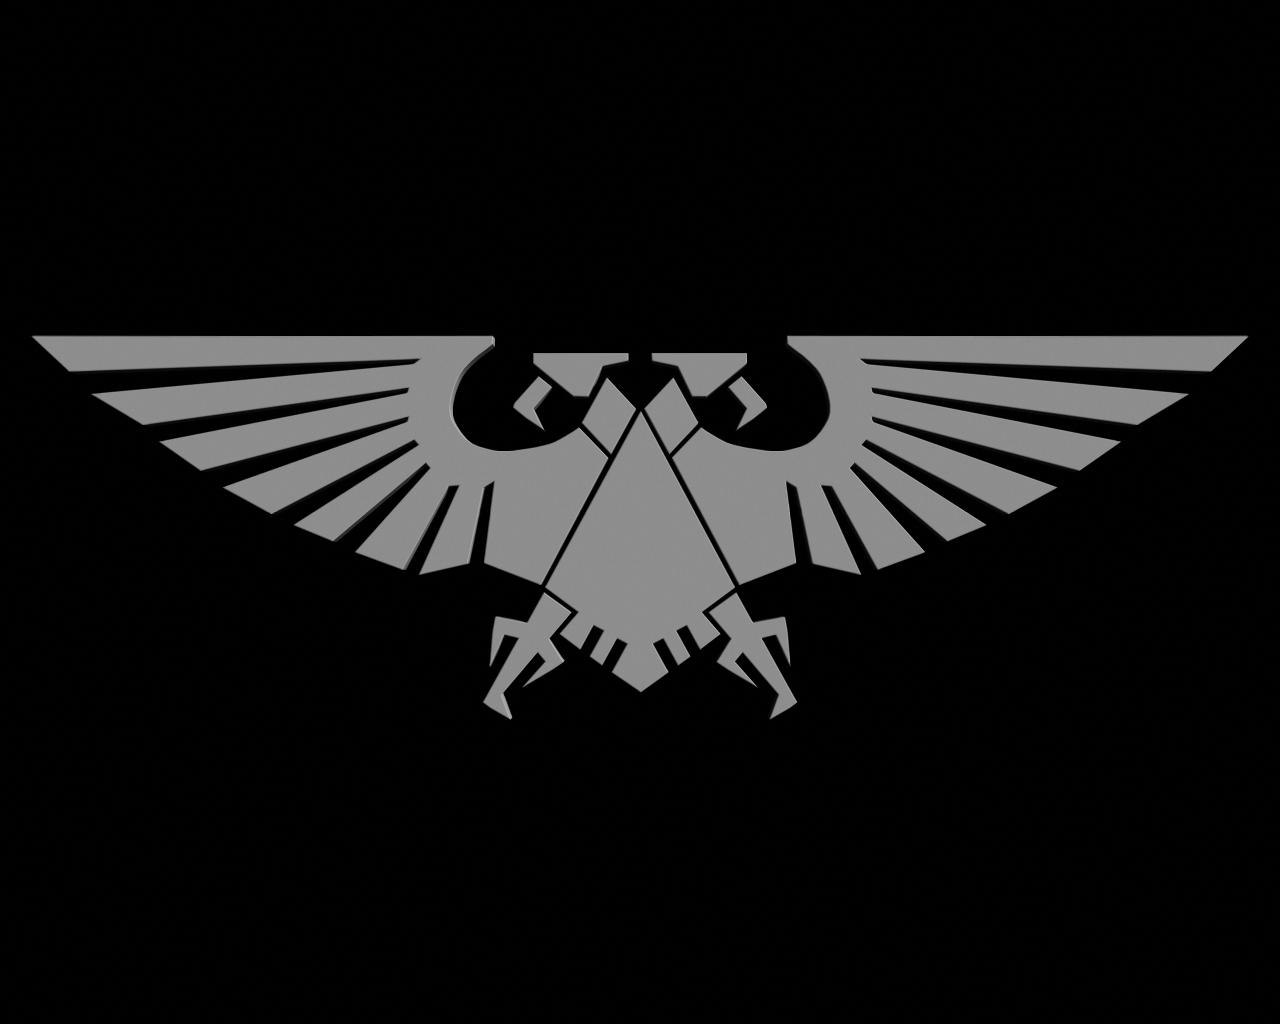 shieldbearer wwwgameinformercom